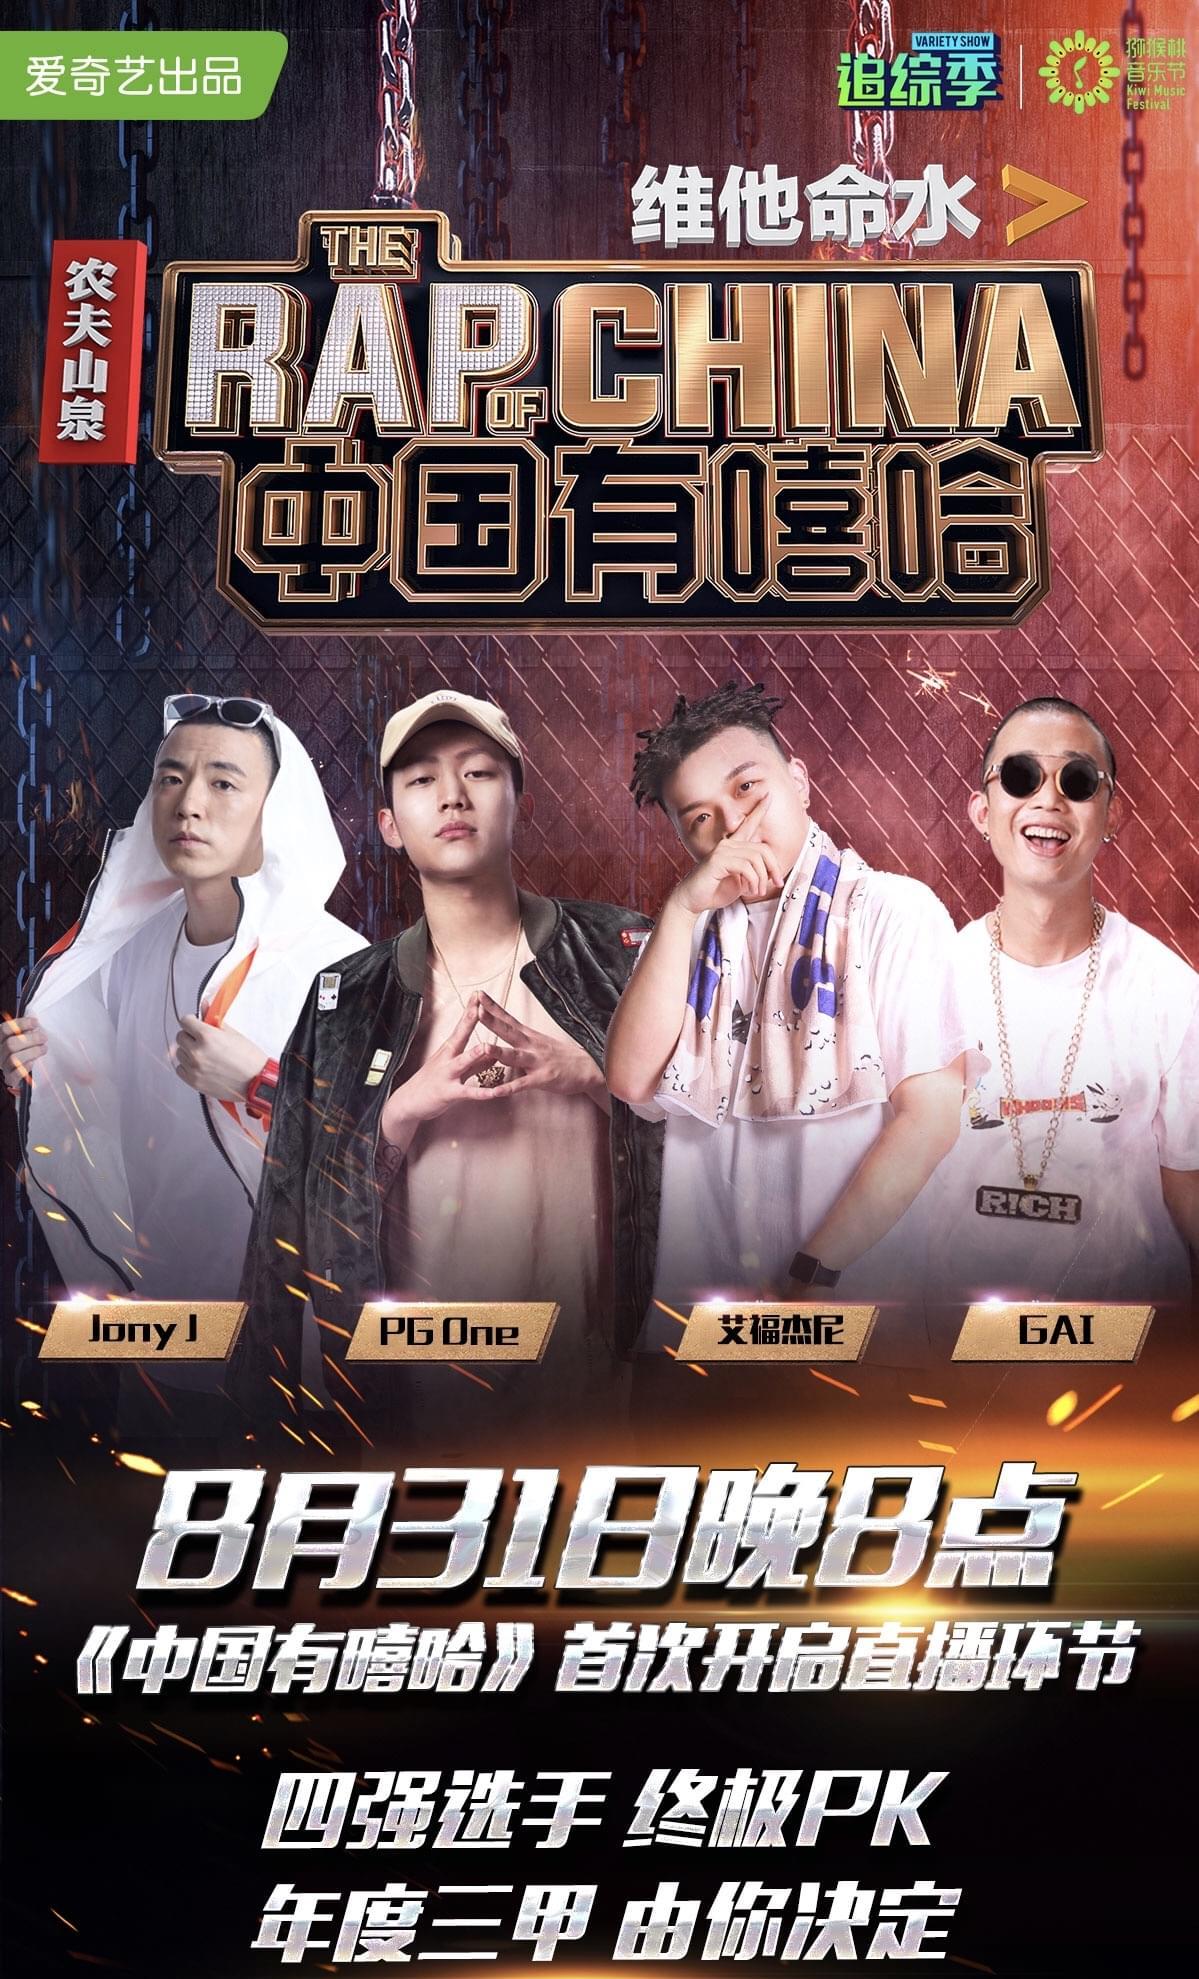 《中国有嘻哈》范冰冰陈意涵众女神为选手打call